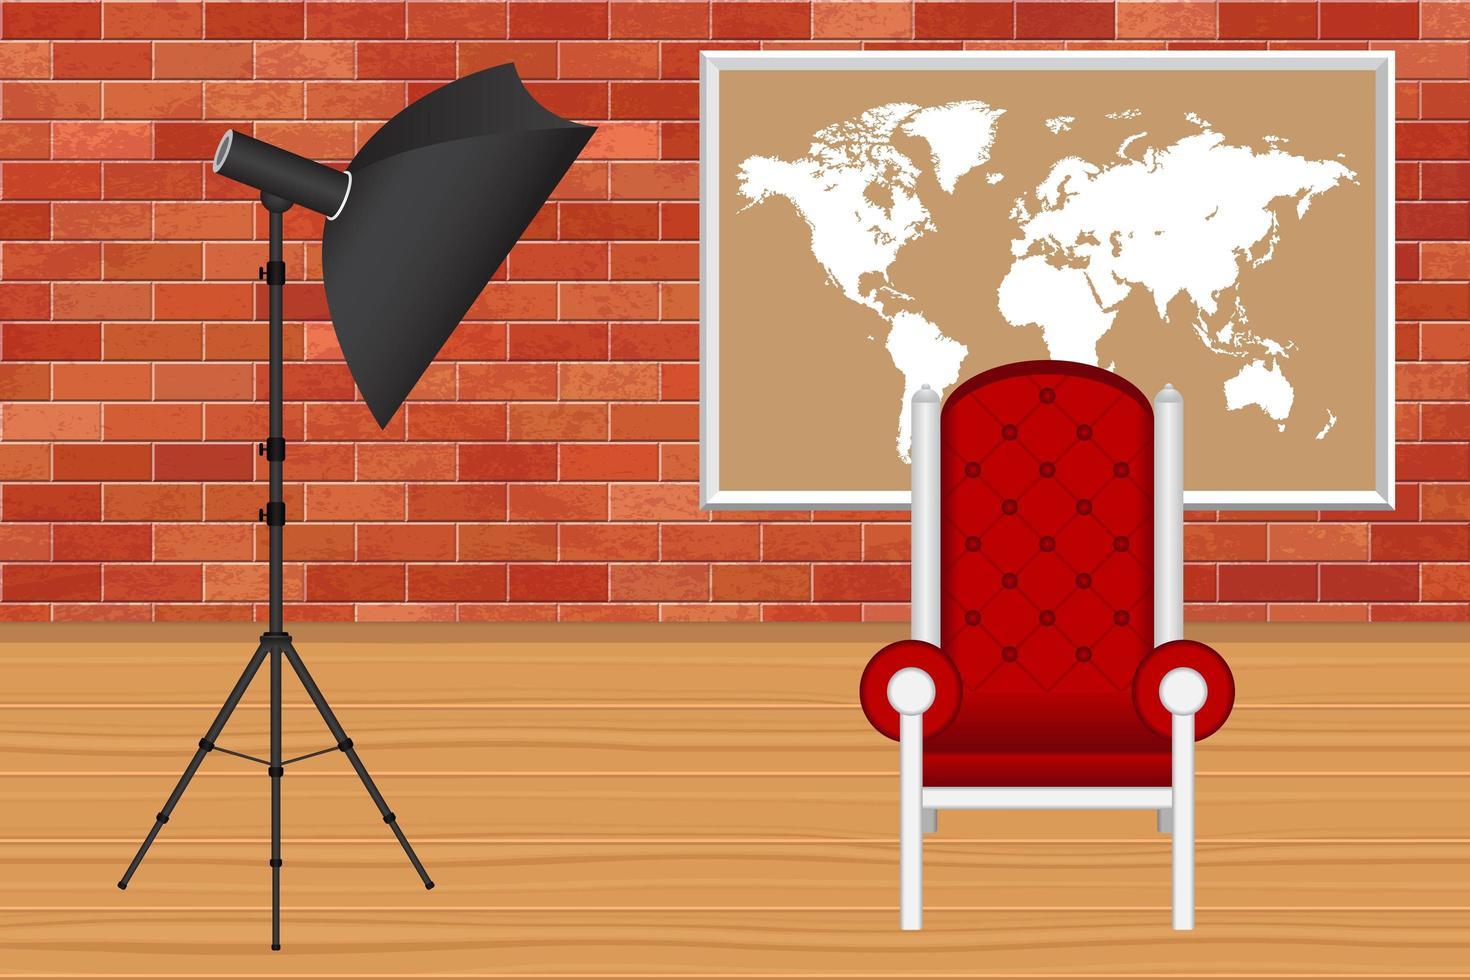 fotostudio met fotografie paraplu en rode stoel vector